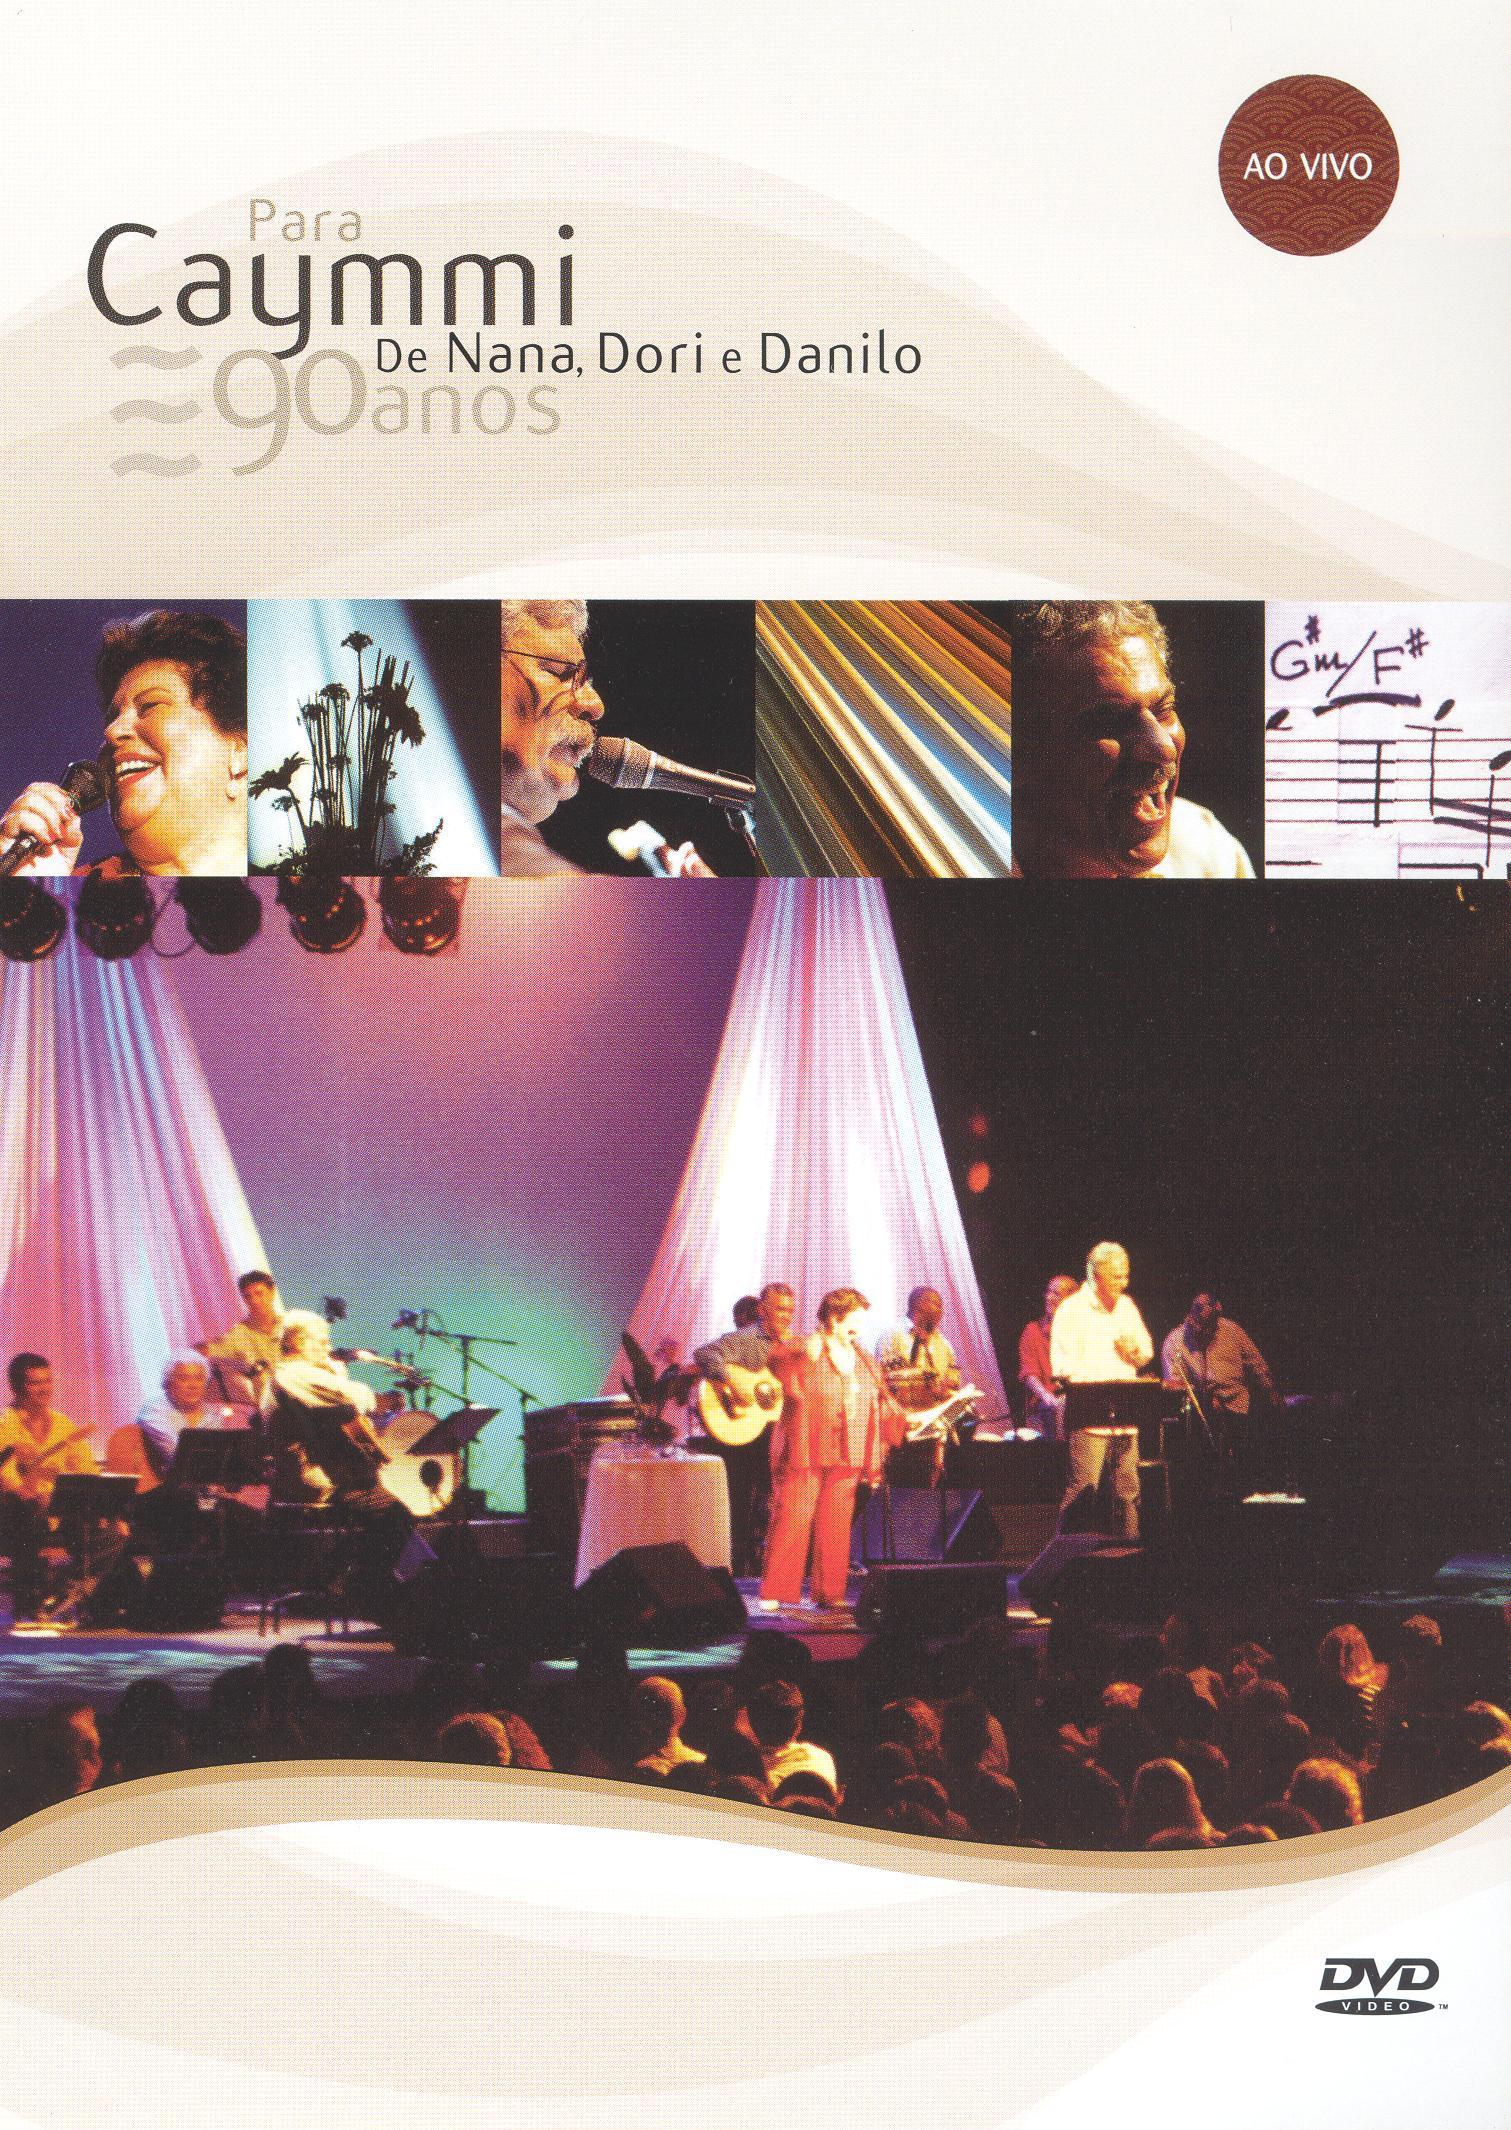 Nana Dori/Danilo Caymmi: Para Caymmi